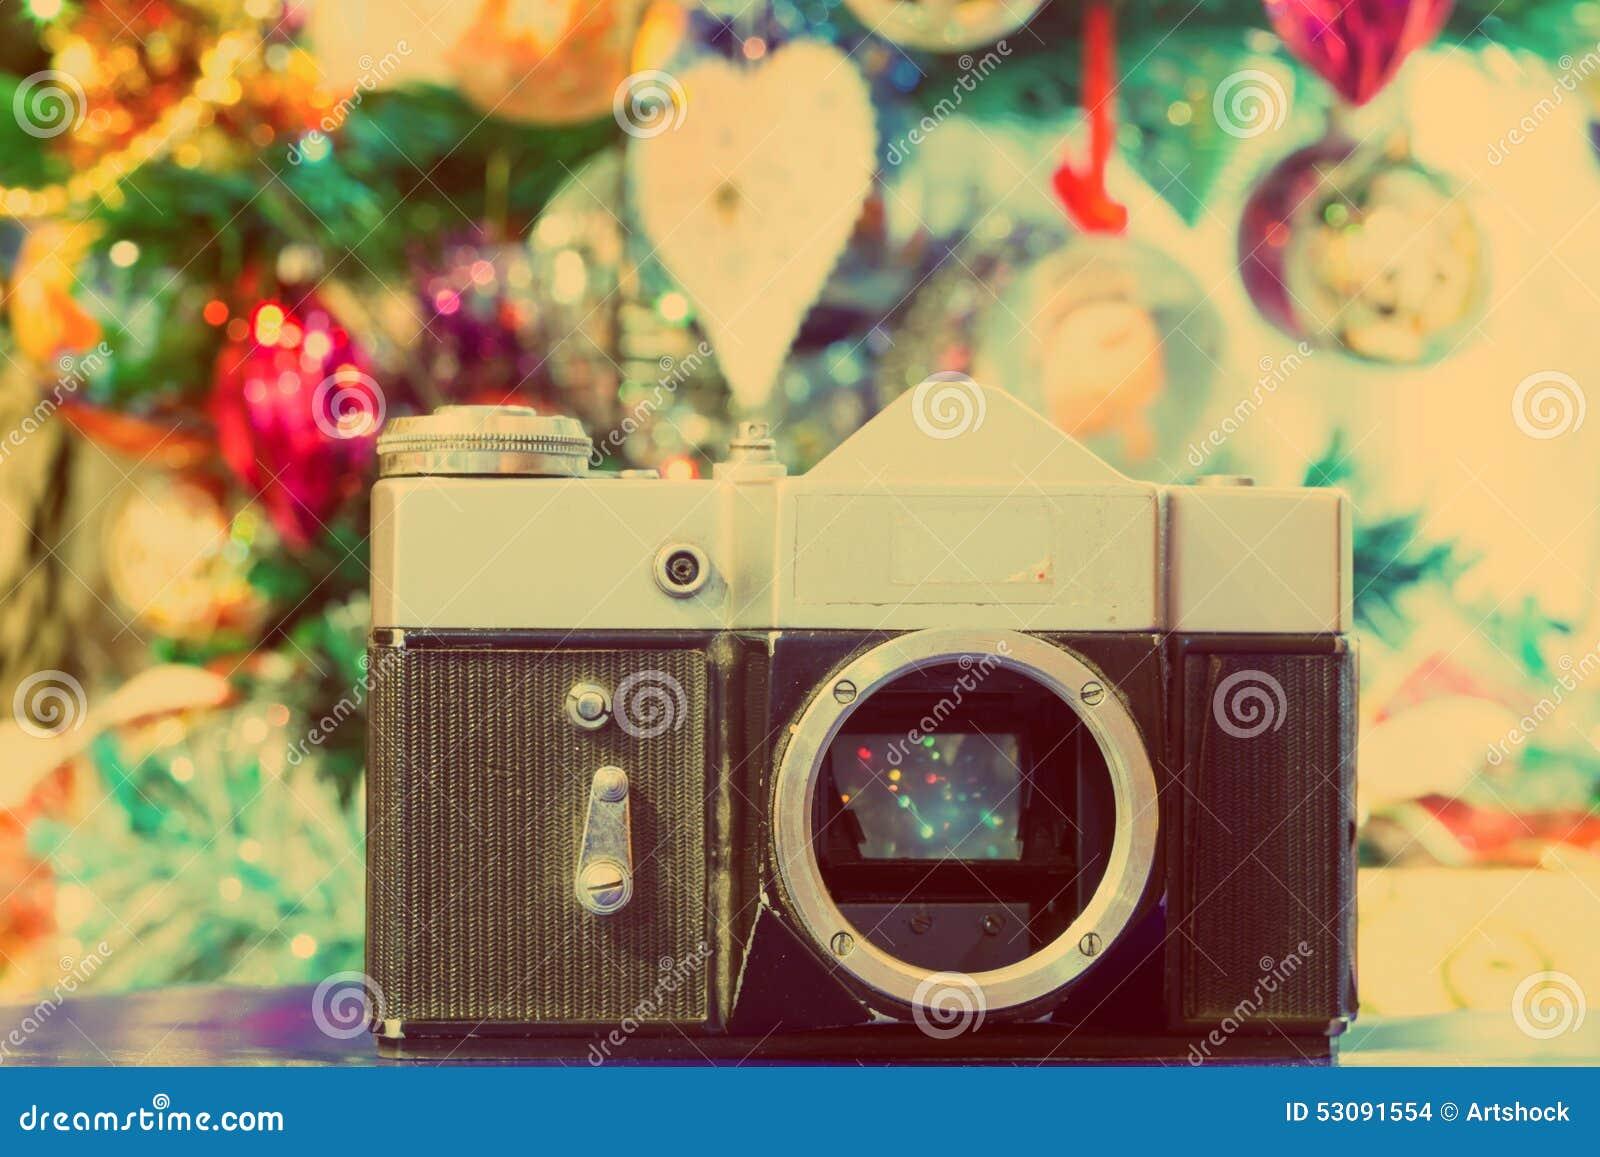 Grunge Camera Effect : Grunge old camera stock illustration illustration of banner